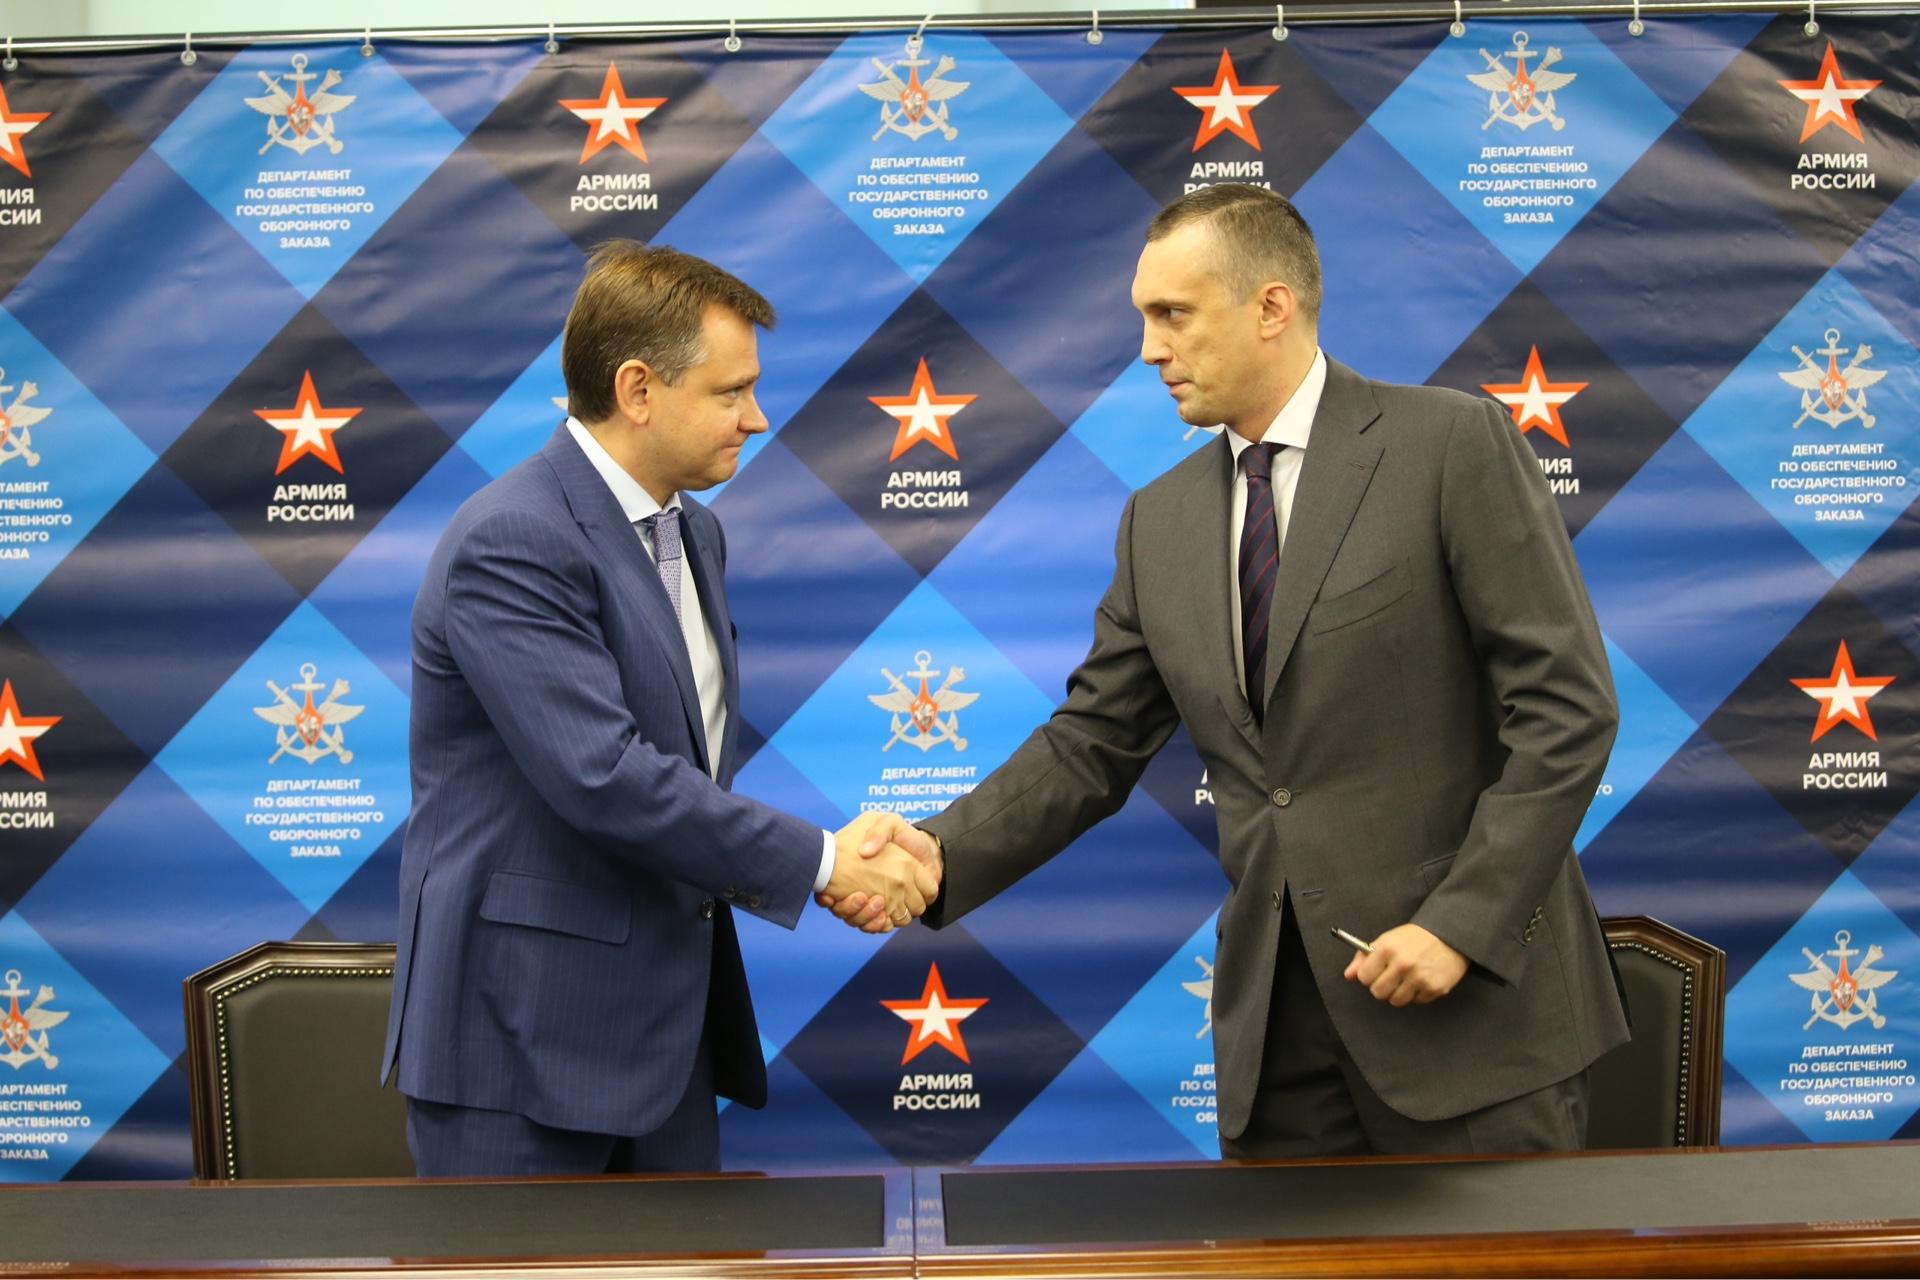 التوقيع على اول عقد لبيع مقاتلات SU-57  5566b2cea53a81c2fcb105b13d8b7003